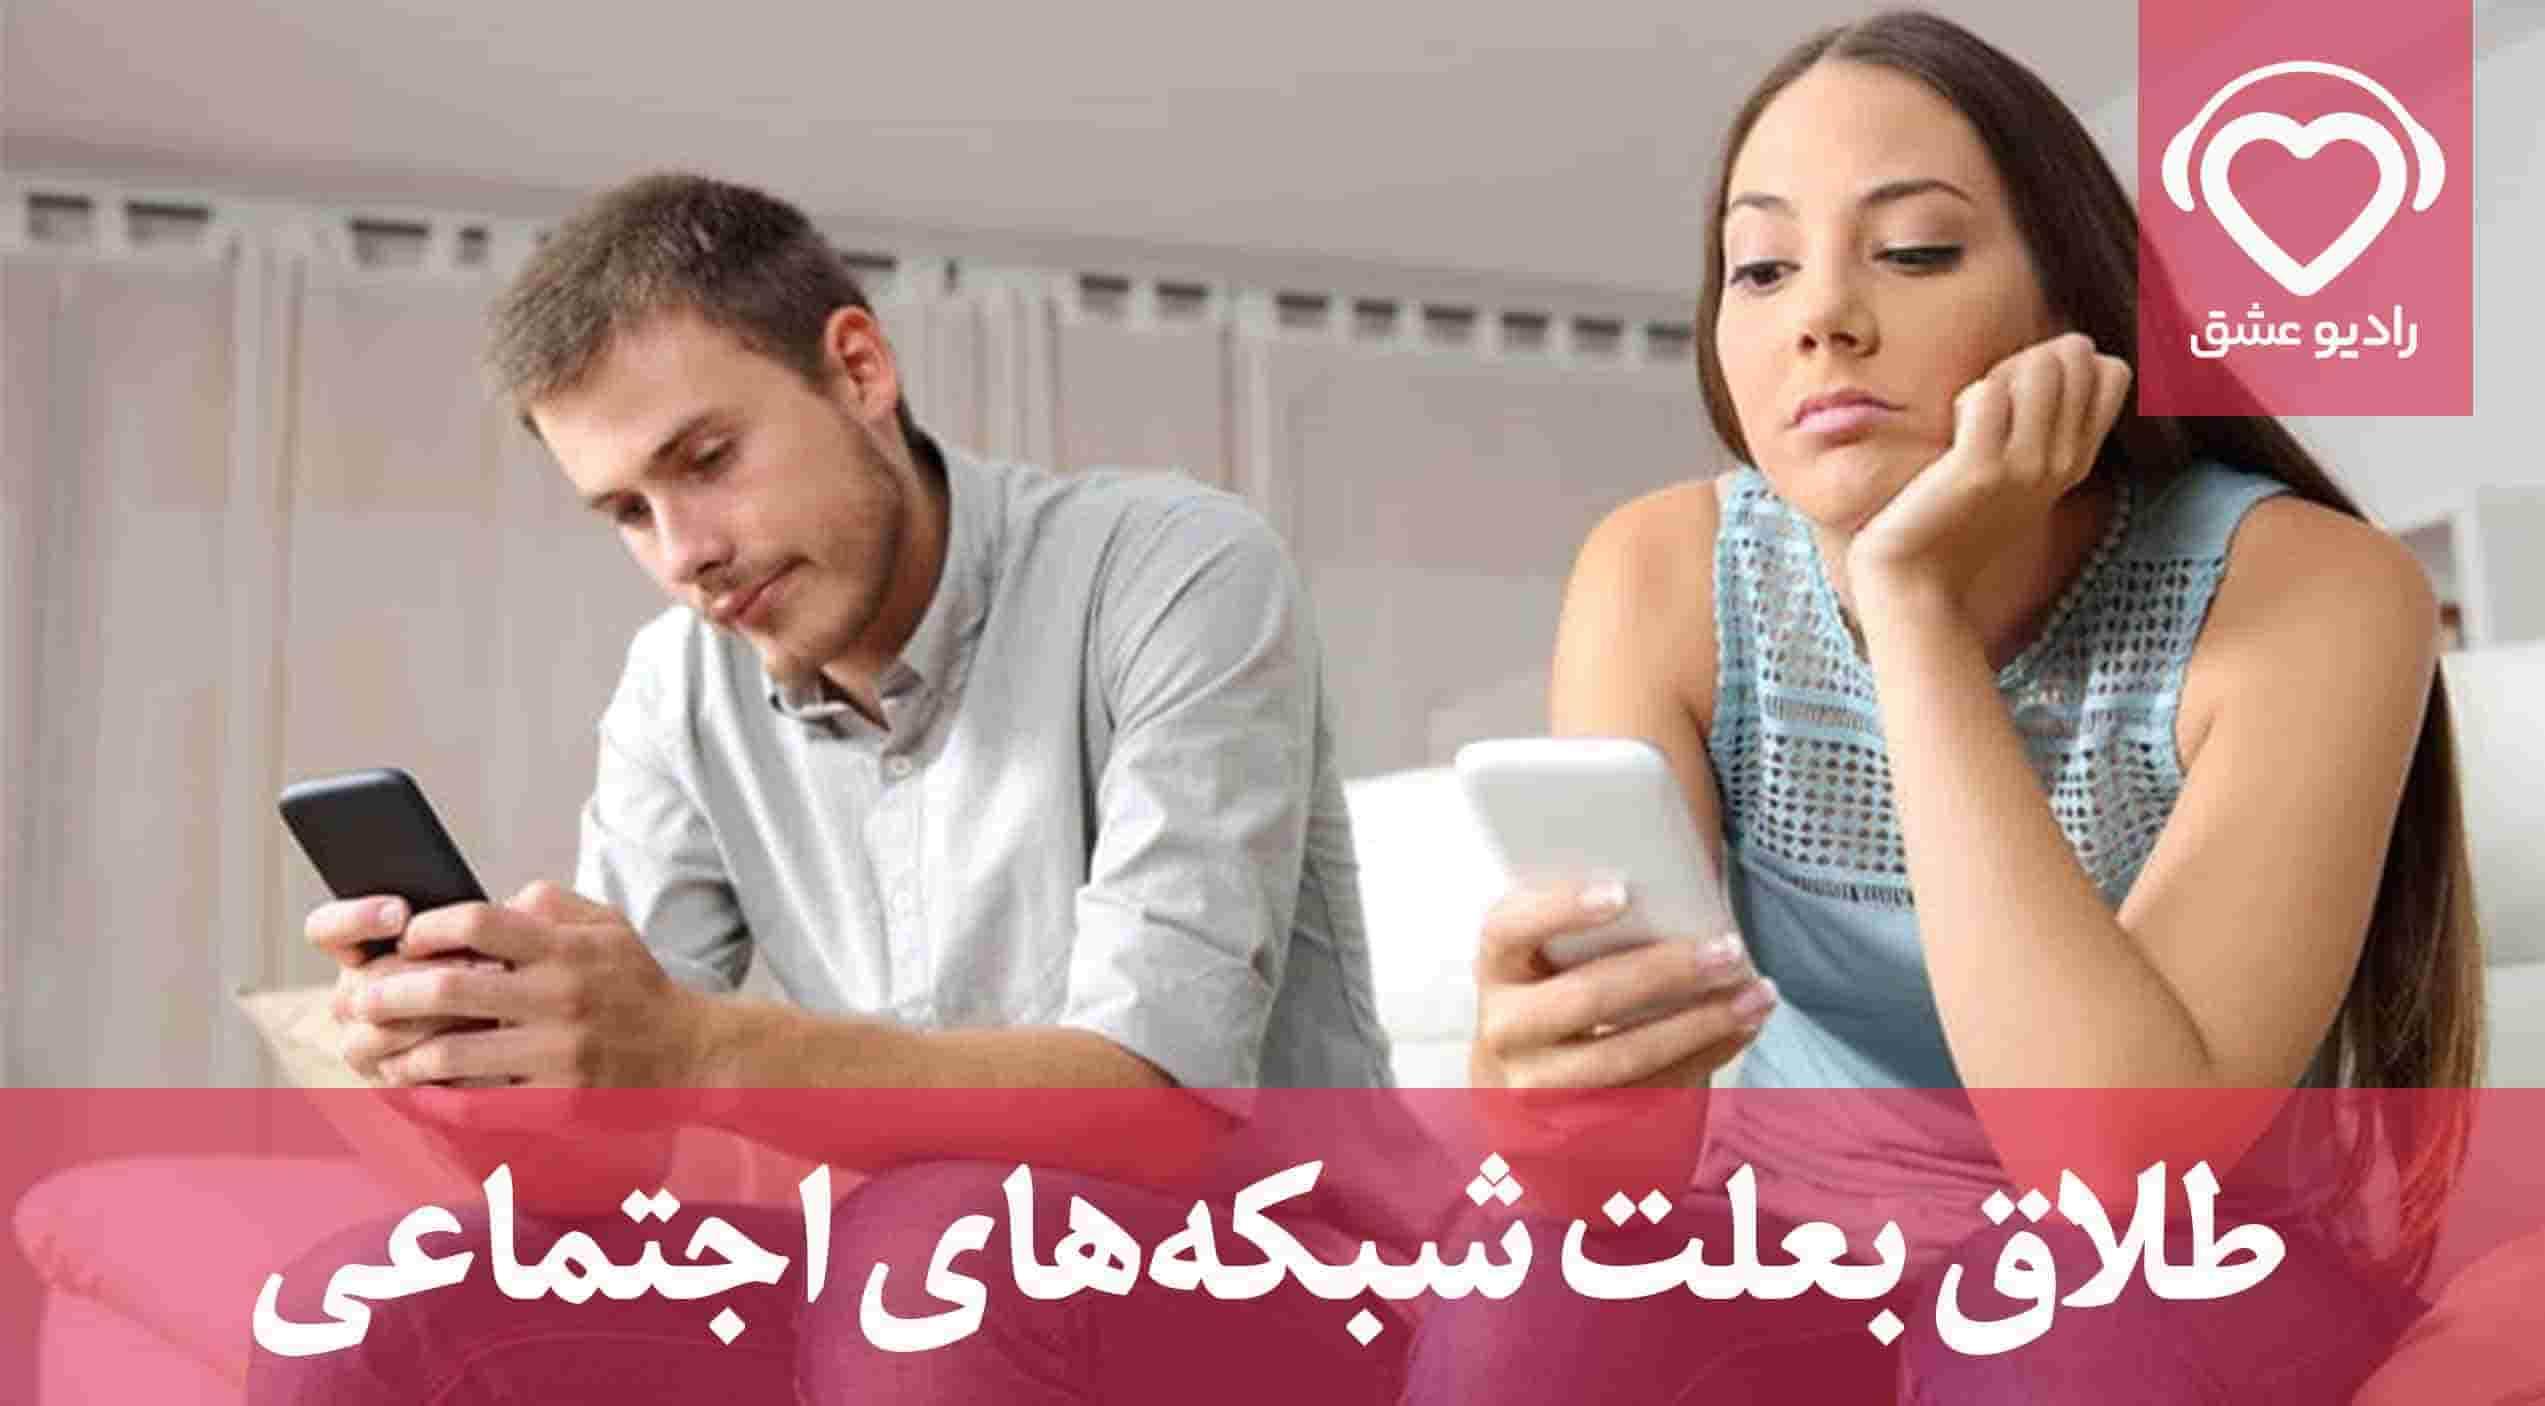 طلاق و جدایی بخاطر شبکههای اجتماعی، اینستاگرام و اینترنت